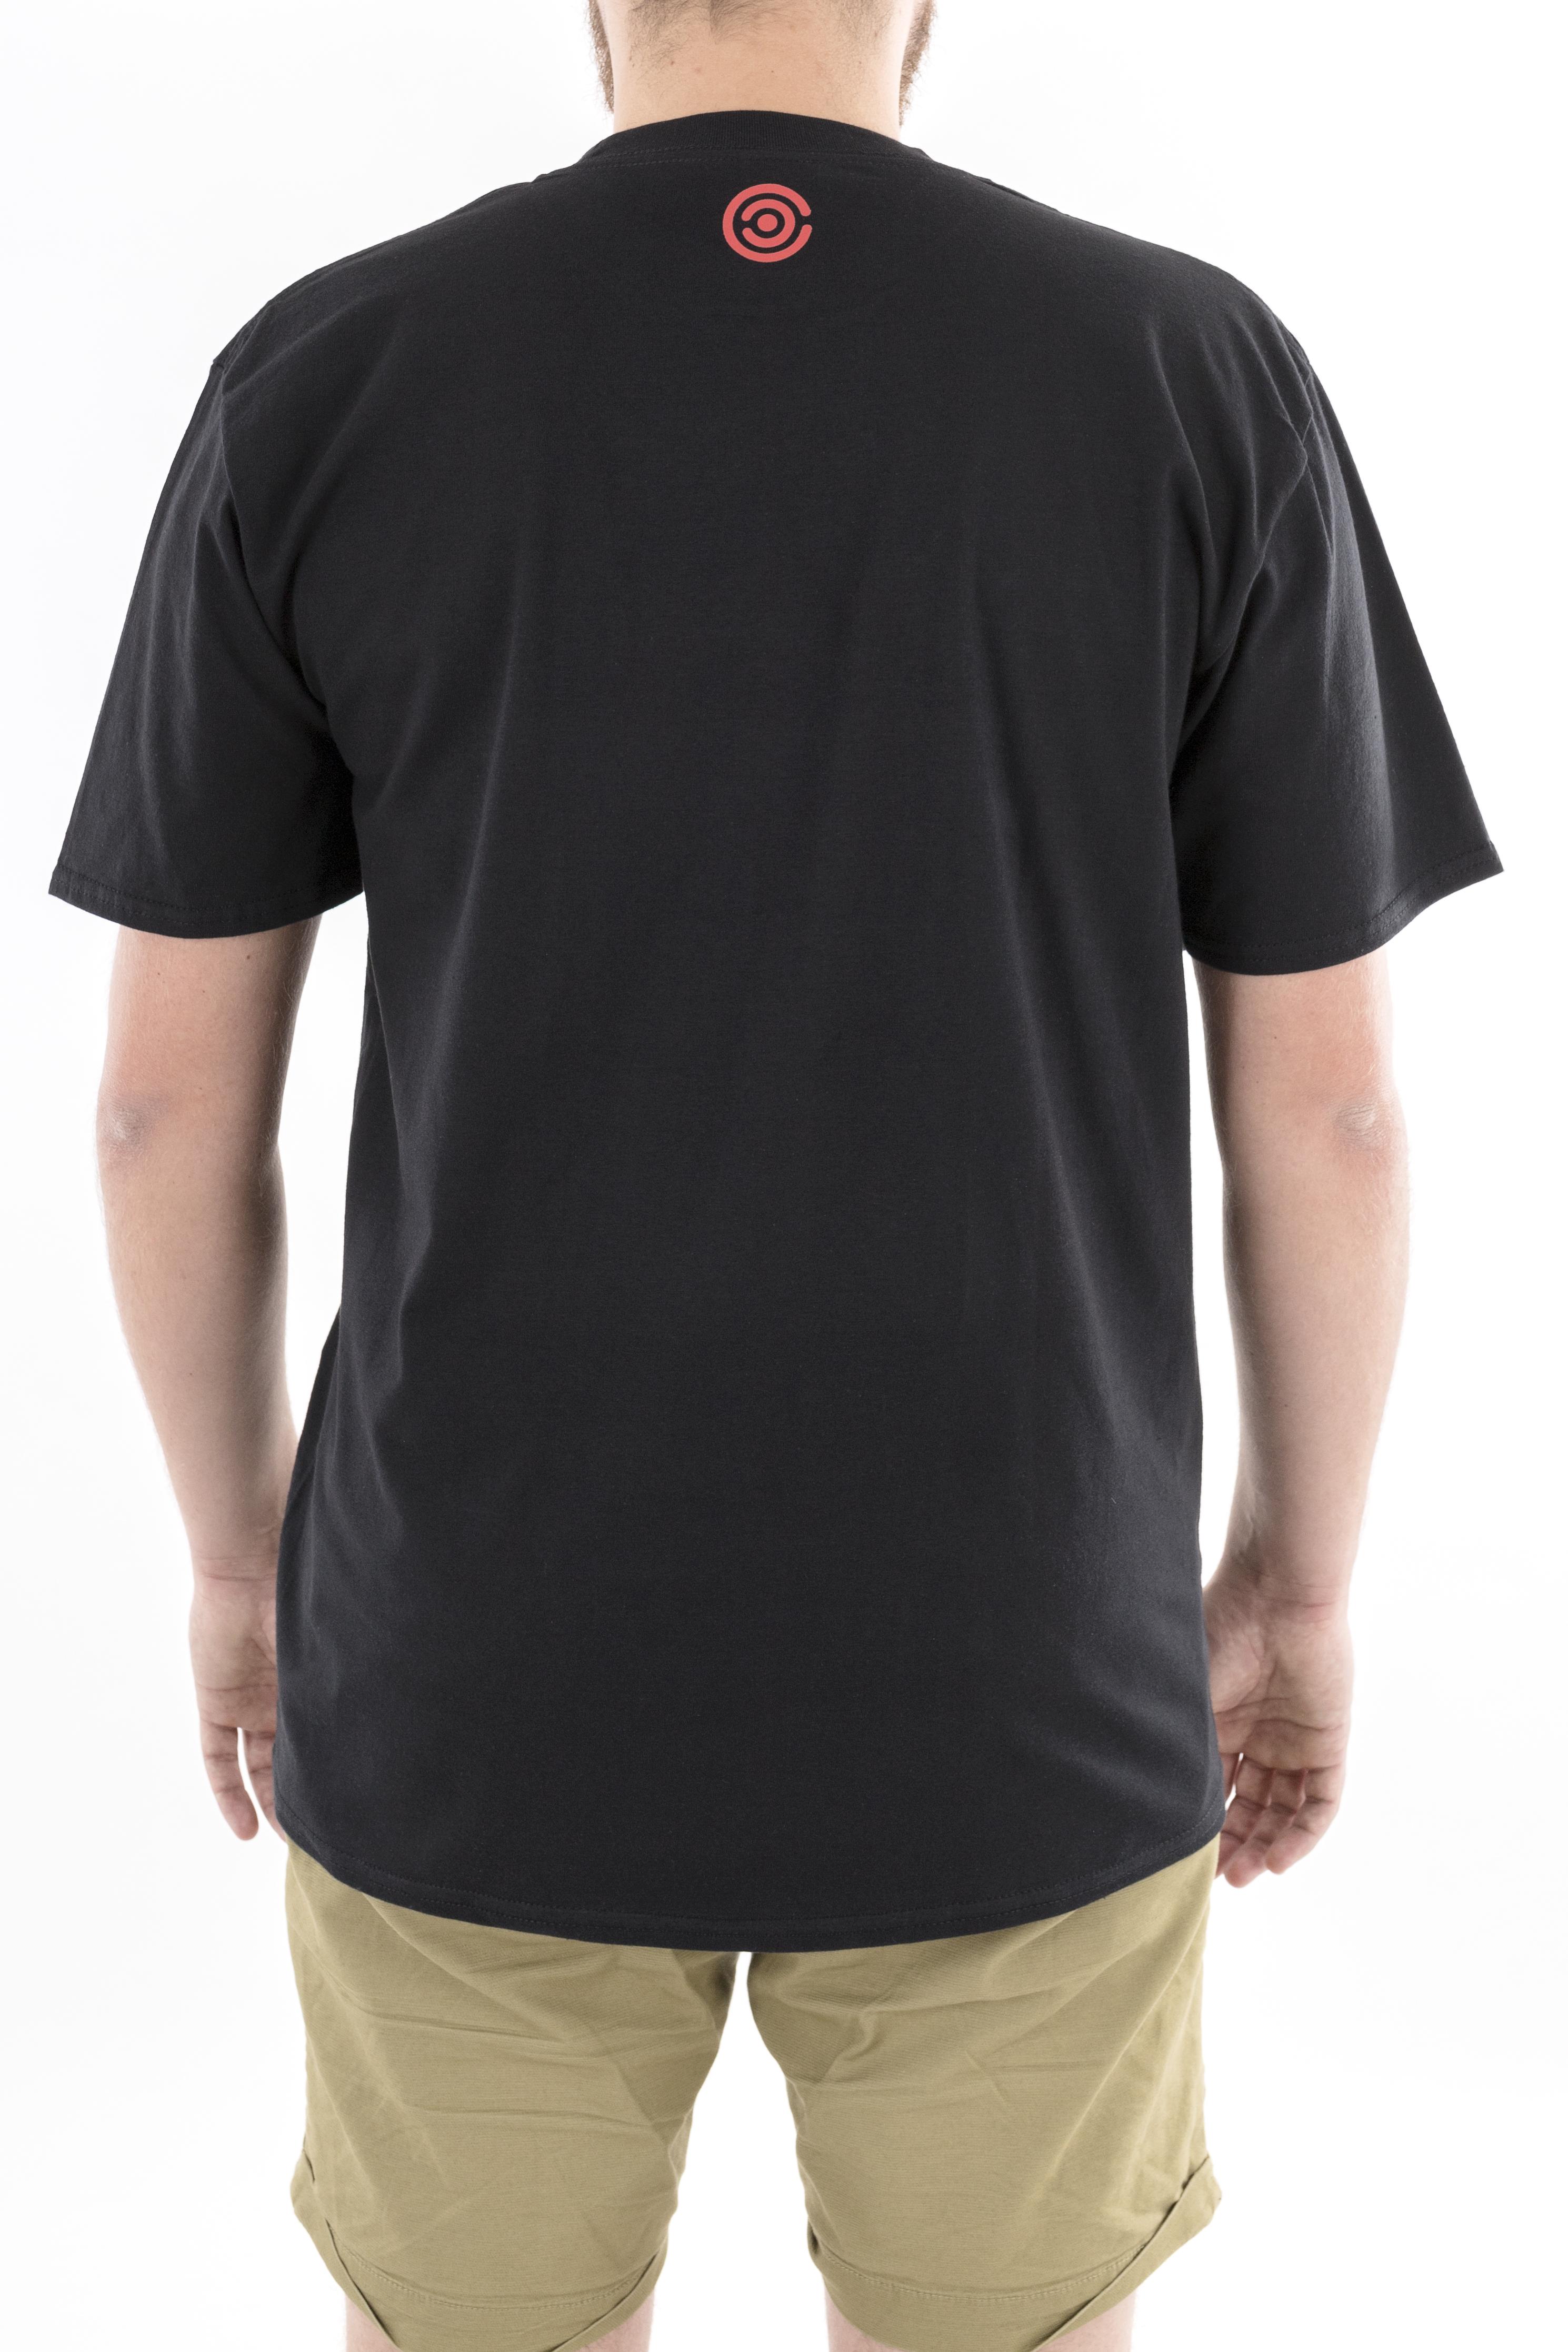 Pánské tričko Drak jedlík - 2